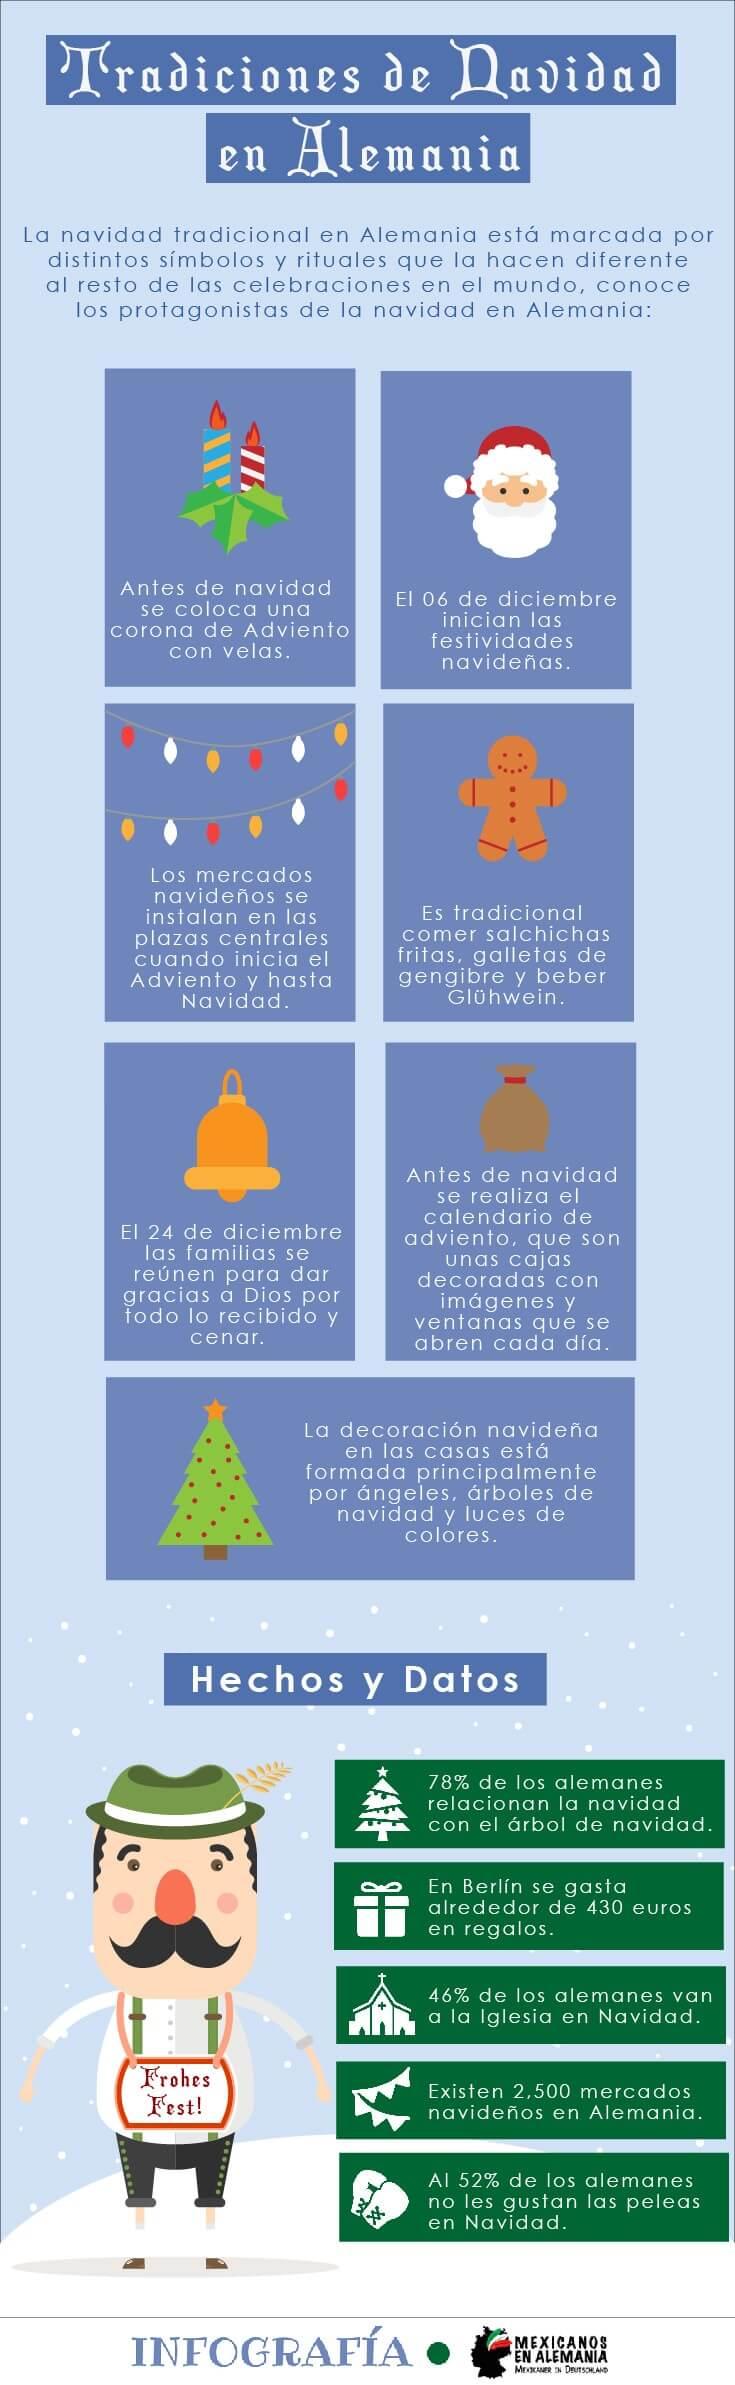 tradiciones de navidad en Alemania